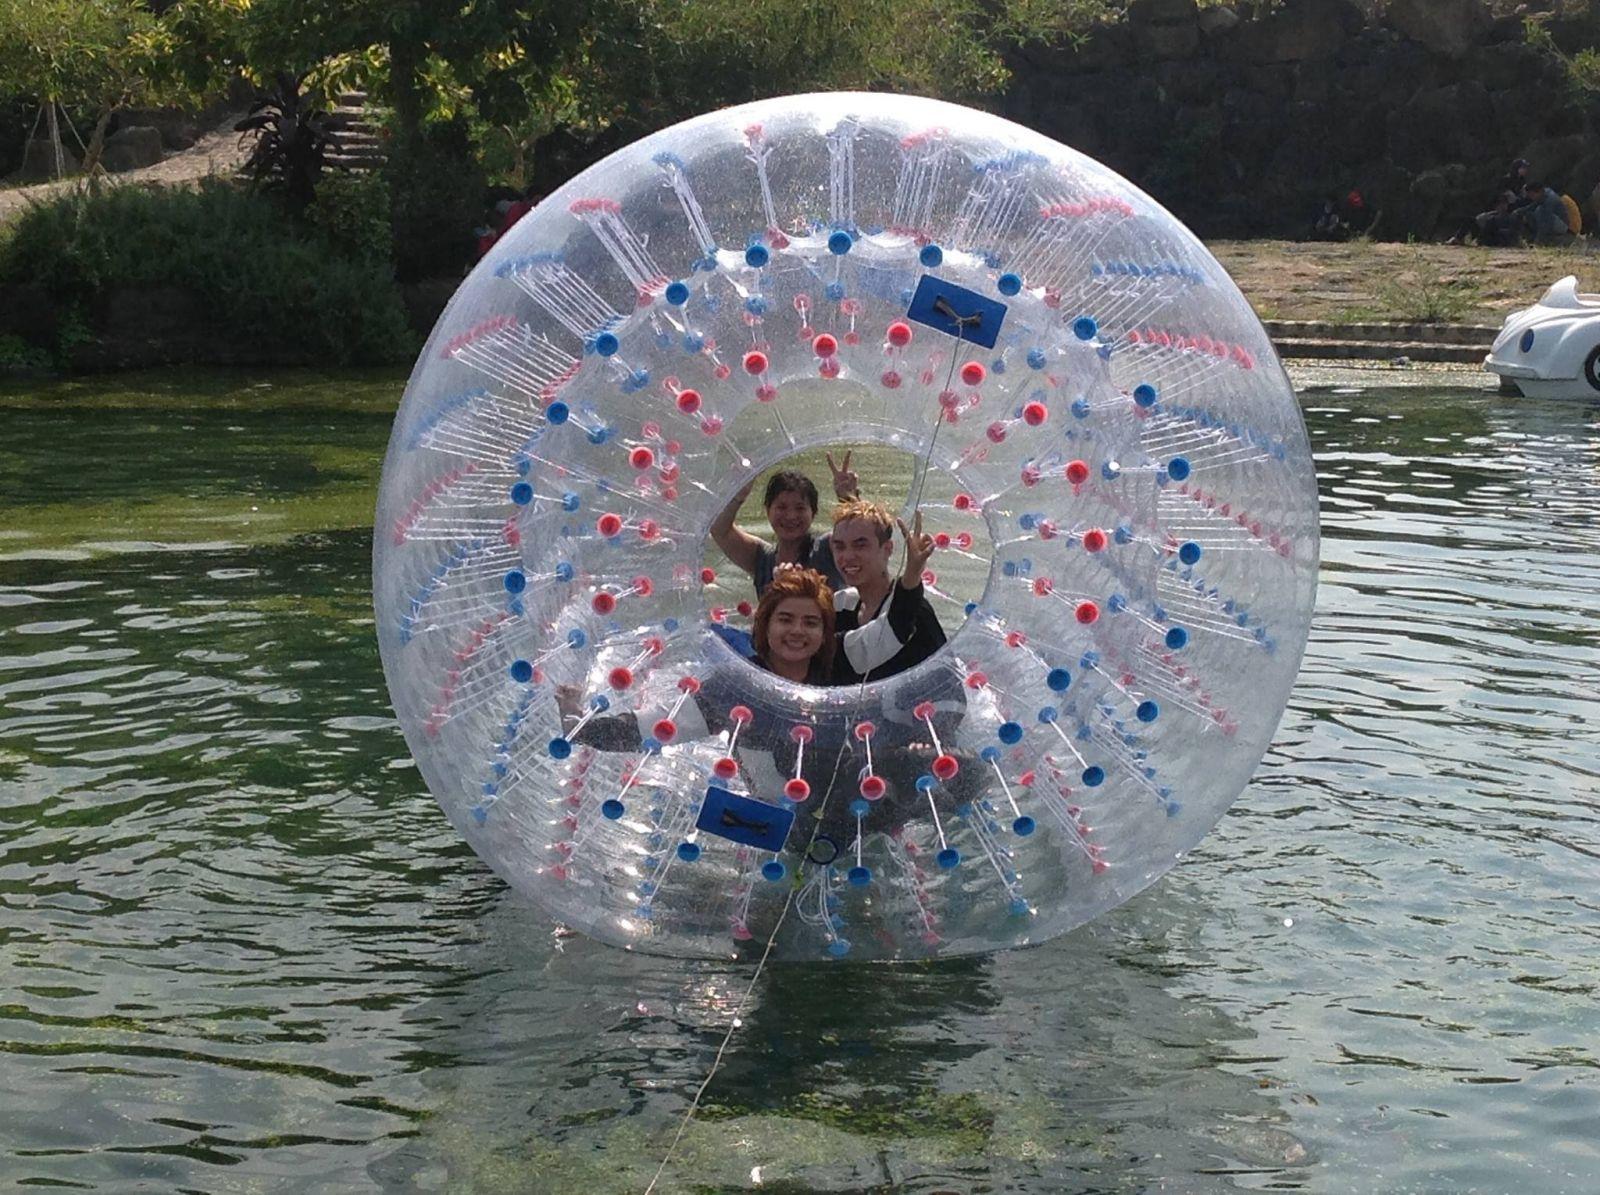 Tham gia hoạt động vui chơi thú vị tại Khu du lịch Suối Mơ quận 9